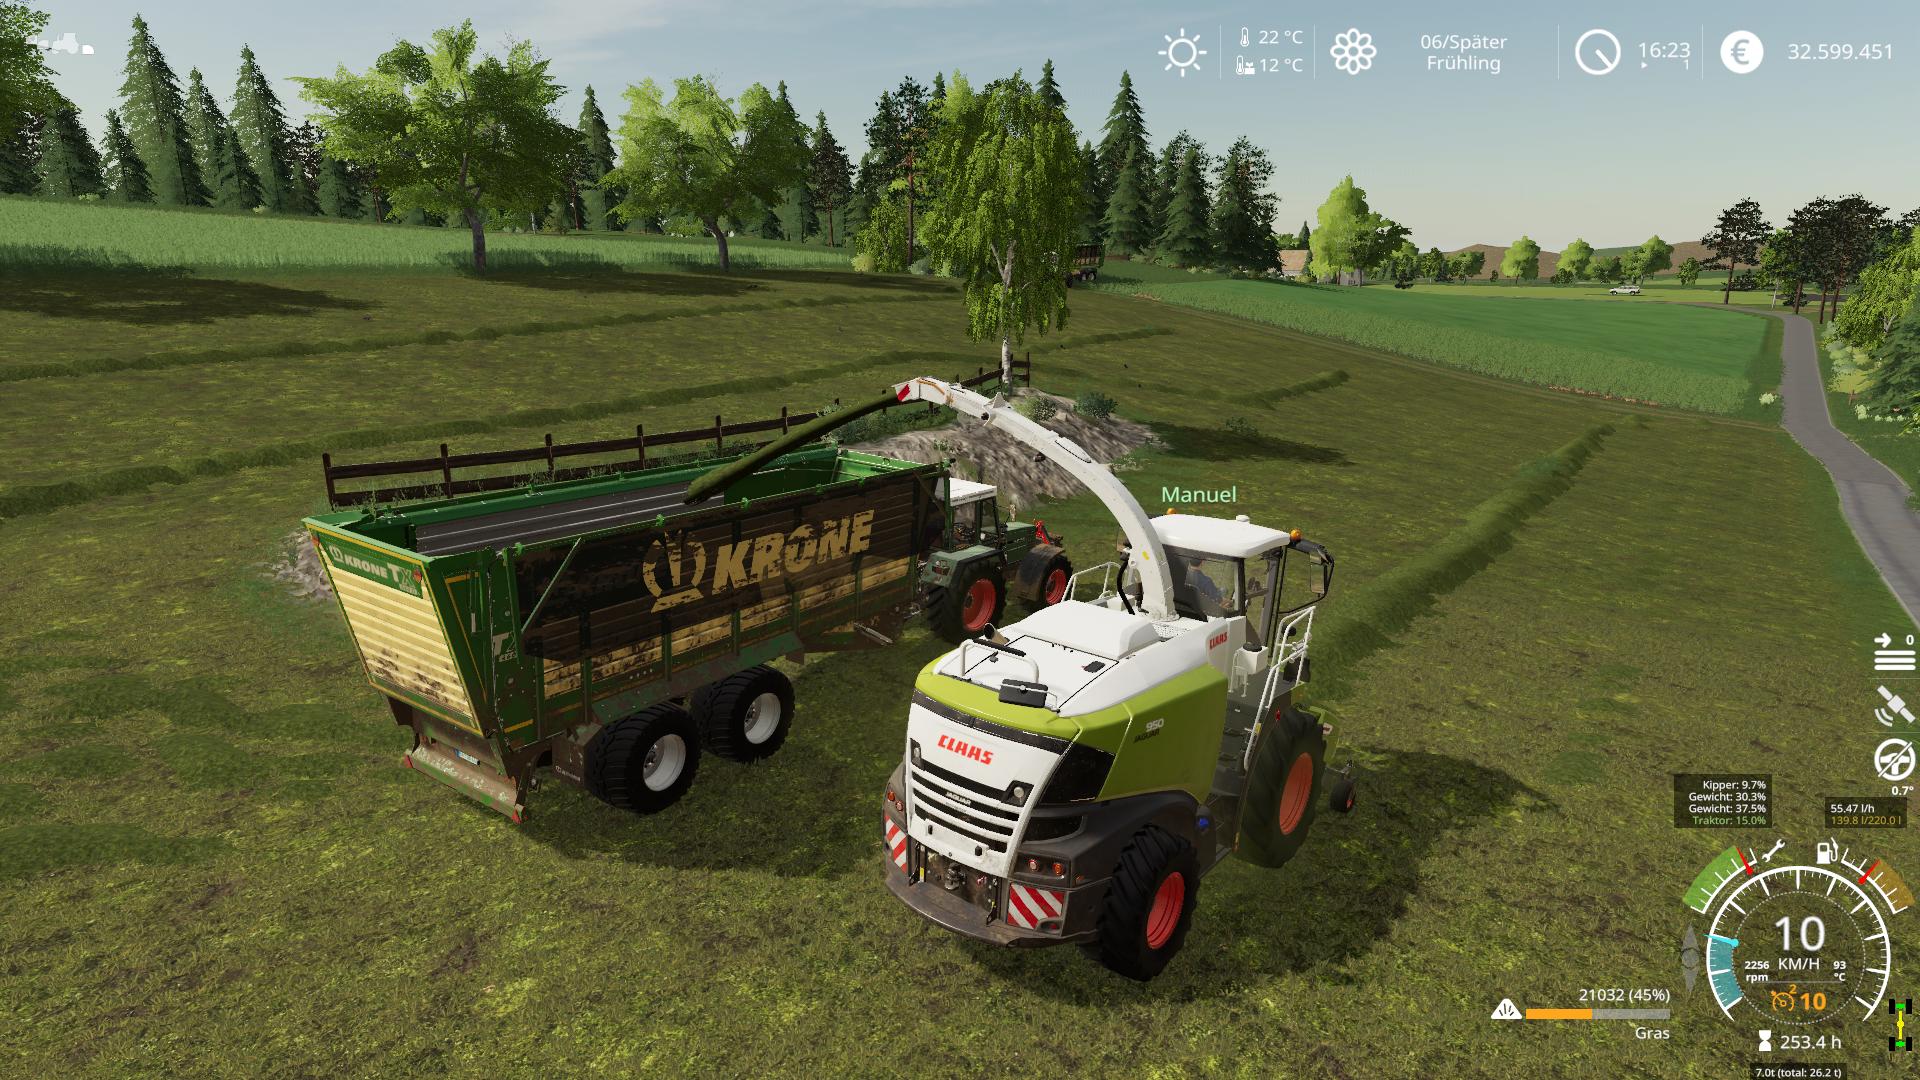 farmingsimulator2019gcmkdk.png